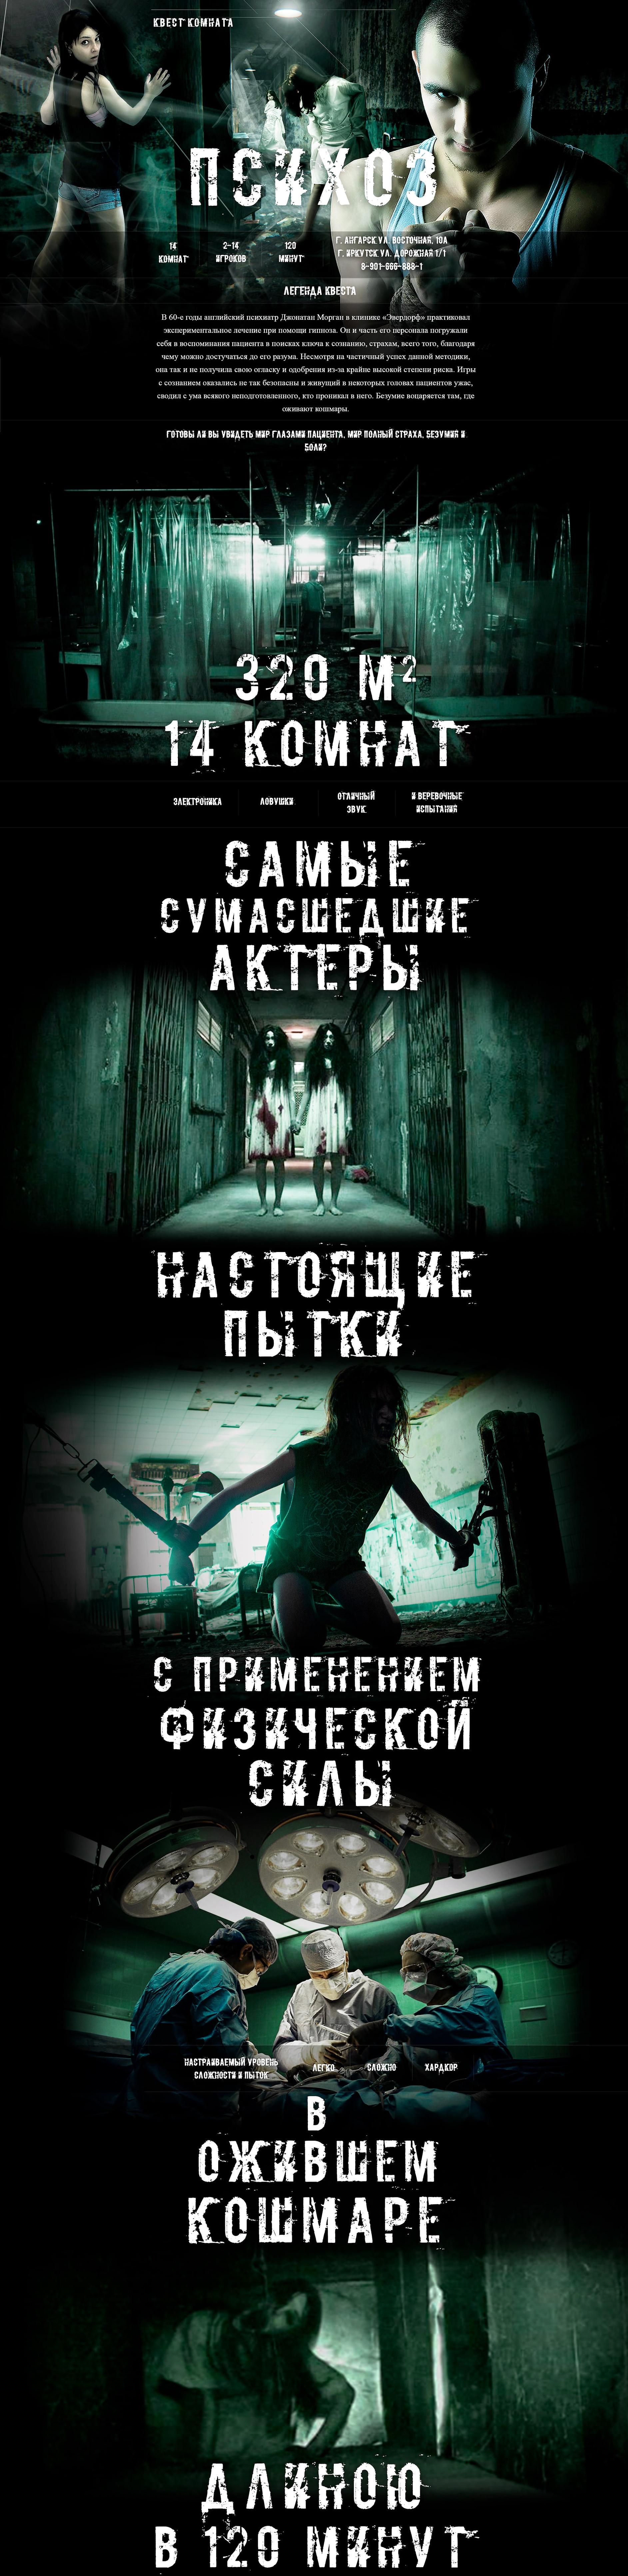 """Квест Ангарск """"Психоз"""" IQuest"""